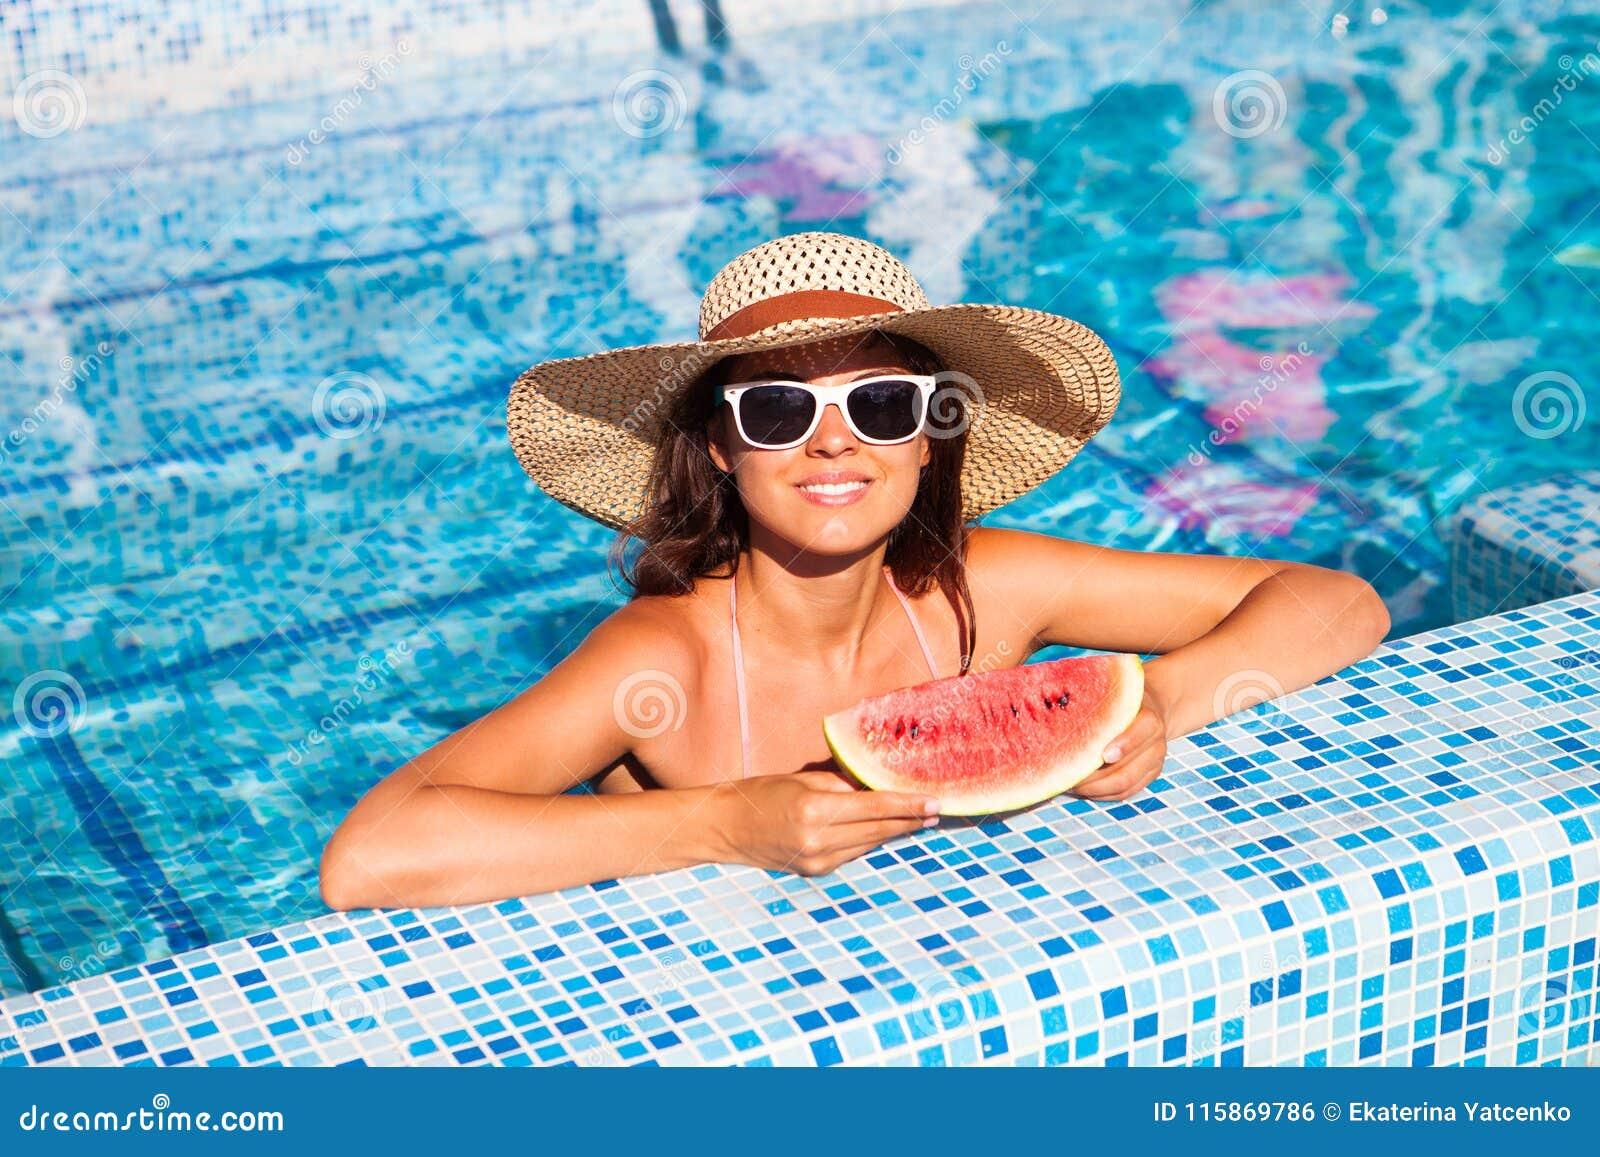 Uma menina guarda a metade de uma melancia vermelha sobre uma associação azul, relaxando o